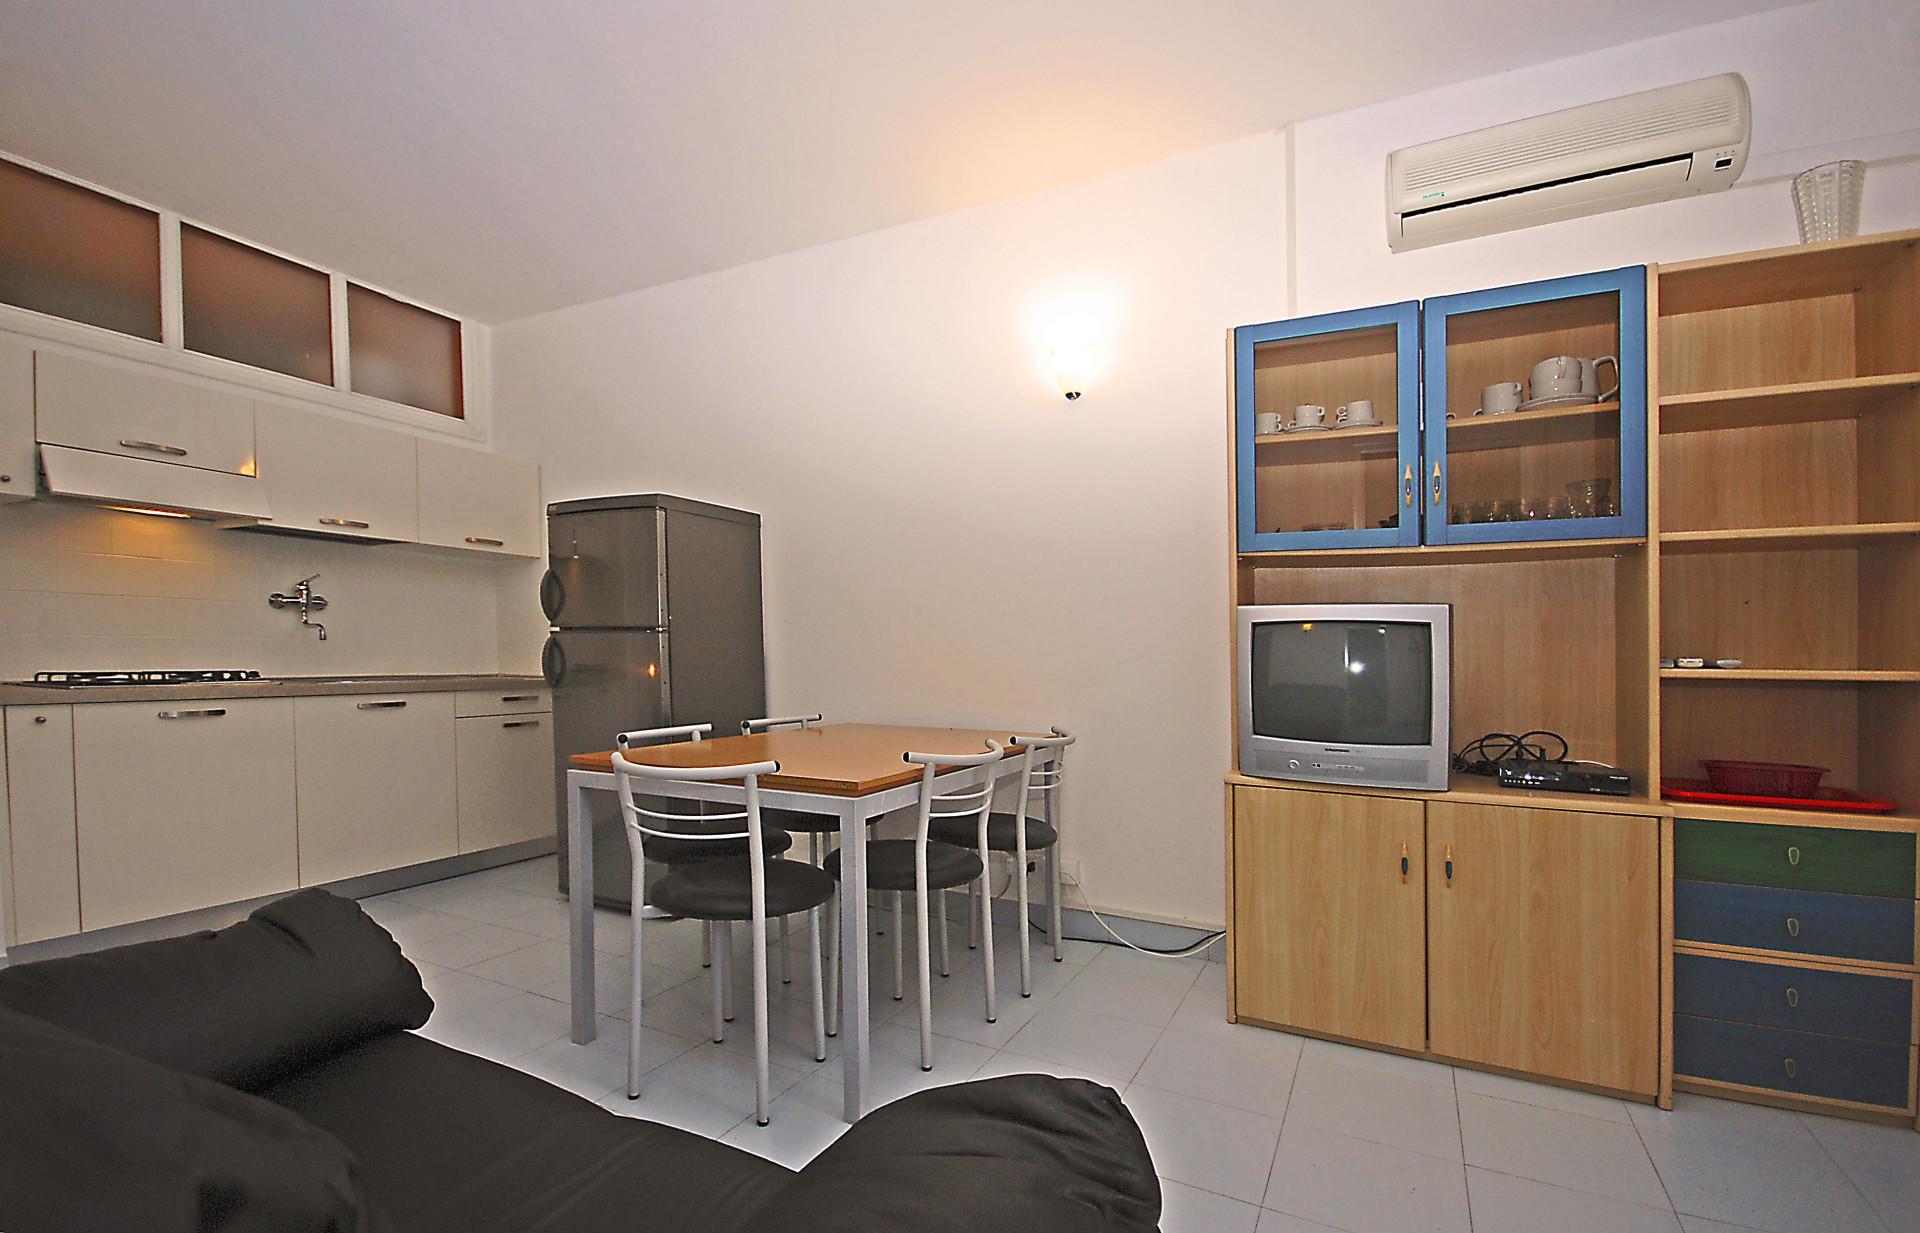 Apartm n d quadri 7 residence dune dovolen v it lii for Bagno 7 bis lignano pineta